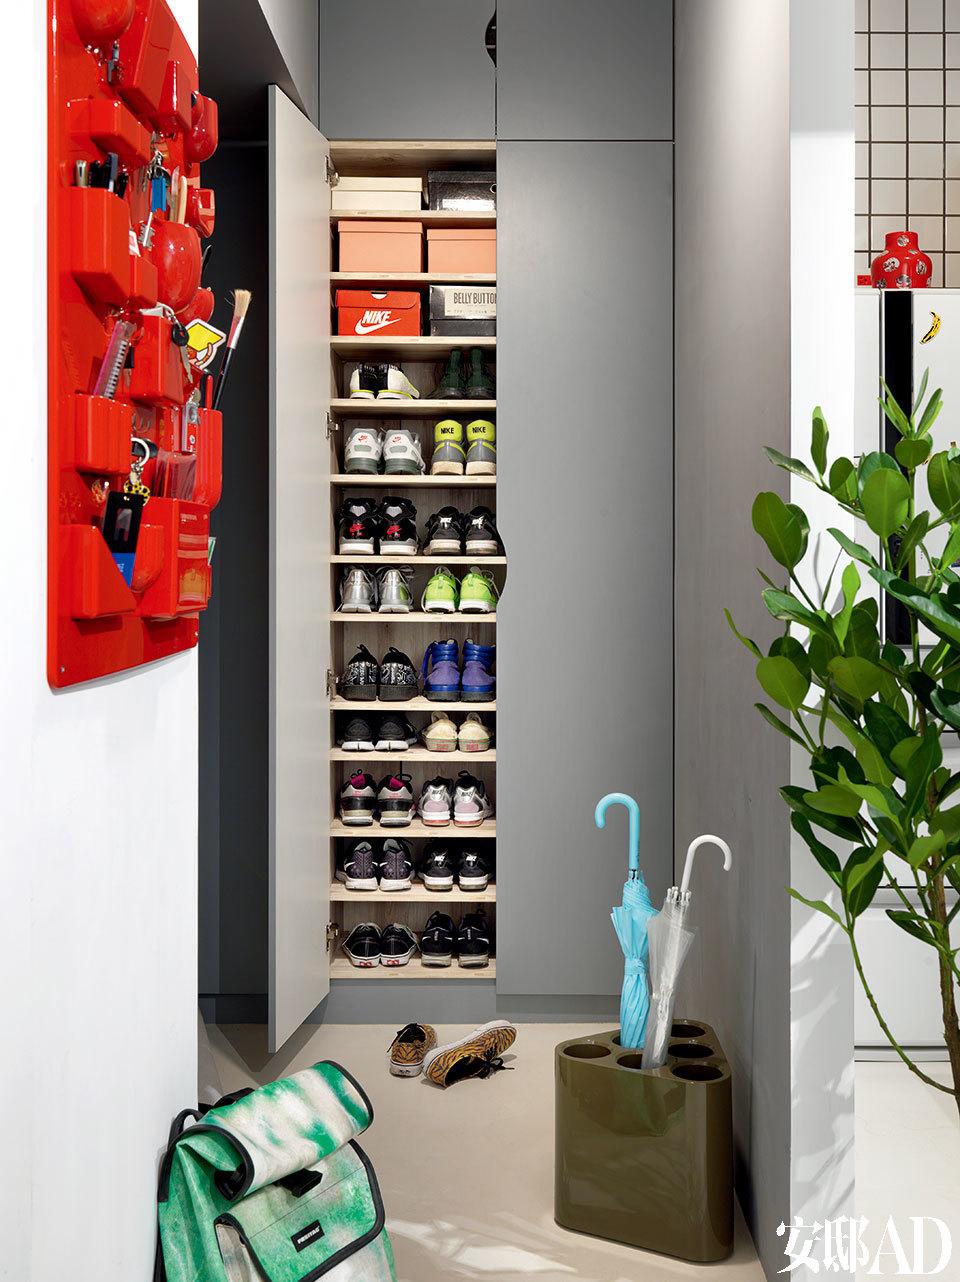 """""""想一千次,不如切切实实做一次!""""85后设计师Pili秉持着如此信念和对自己生长之地的挚情,坚守在自己的设计路上。对他而言,设计从不是炫耀之事,而是诚实之情!进门的玄关被良好利用,做成了""""顶天立地""""式的鞋柜。墨绿色伞筒来自Magis,右上角的红色小花瓶是Pili的""""漆瓷""""系列作品(www.utp.tw)。"""